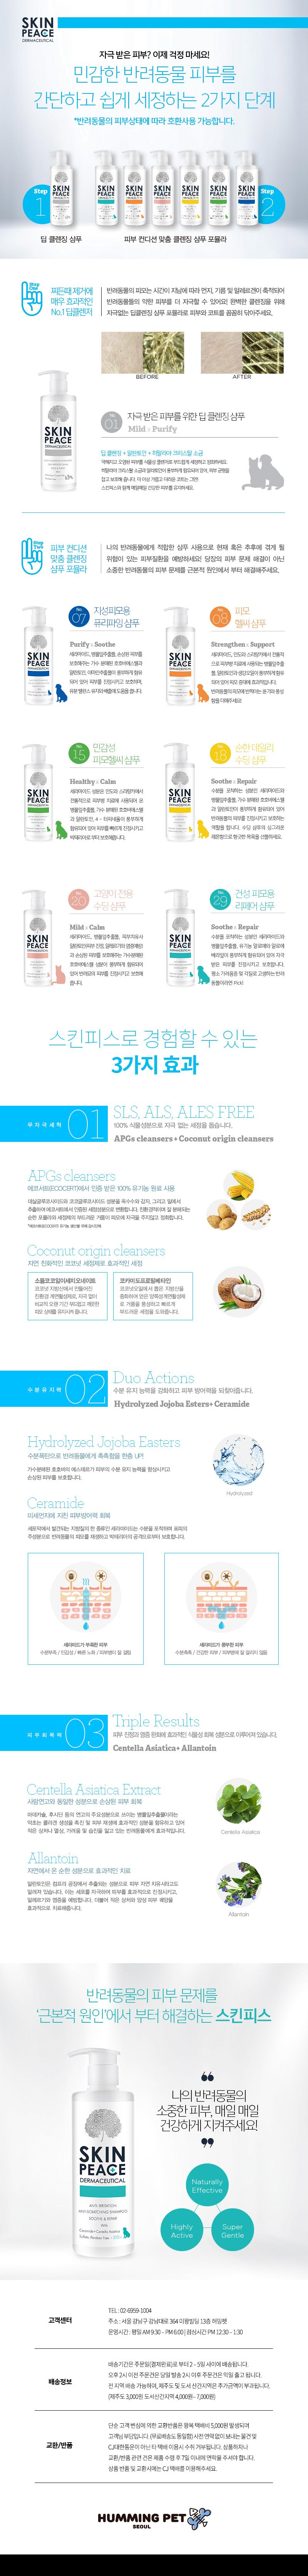 스킨피스 샴푸 30ml 7종 - 허밍펫, 4,000원, 미용/목욕용품, 샴푸/린스